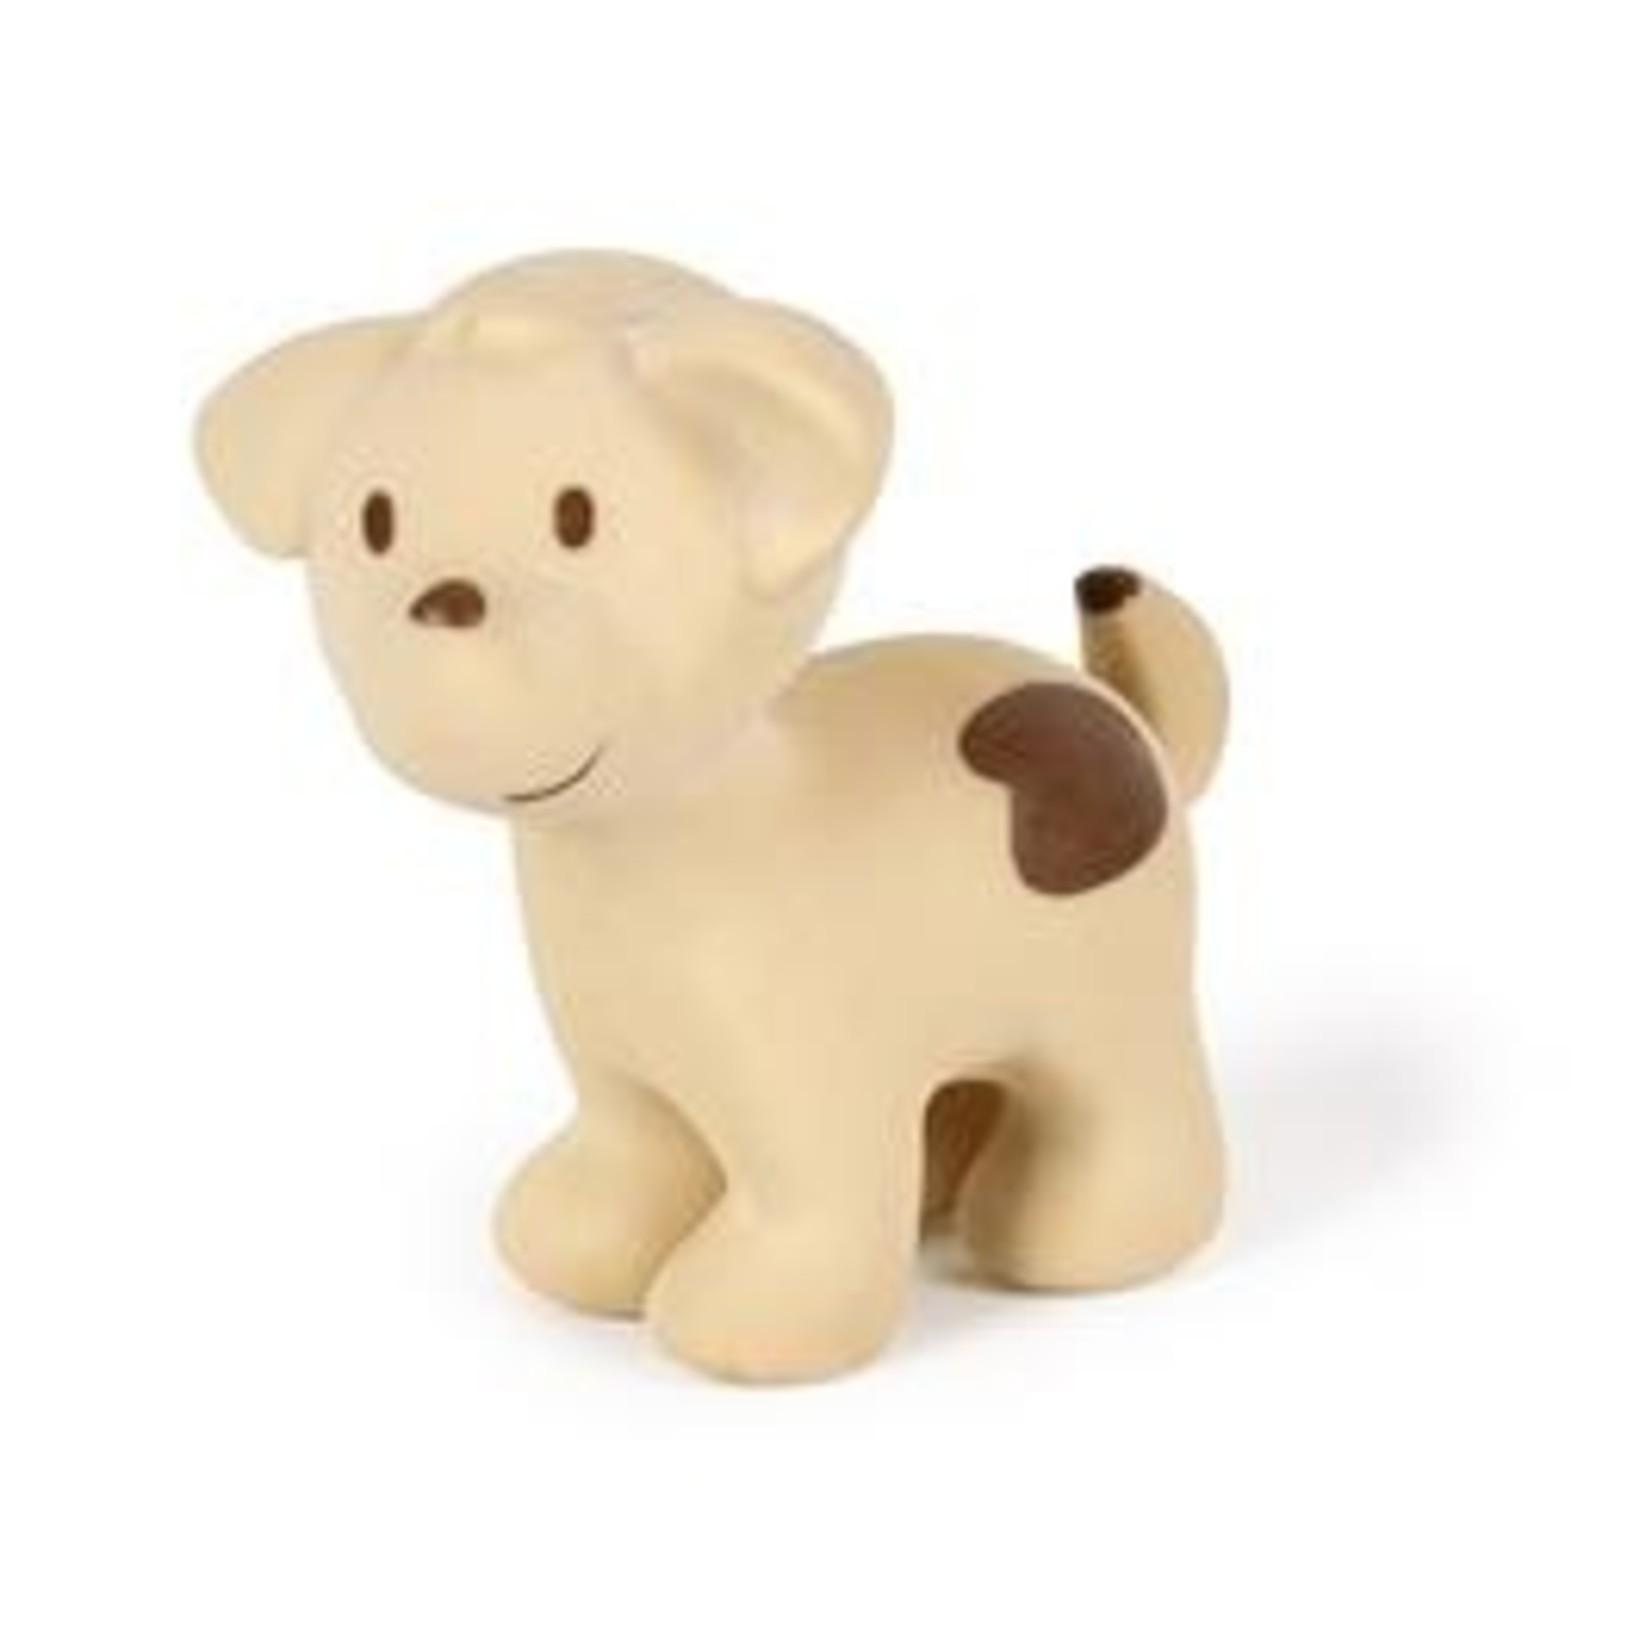 Tikiri Tikiri Badspeeltje met belletje in natuurlijk rubber Hond